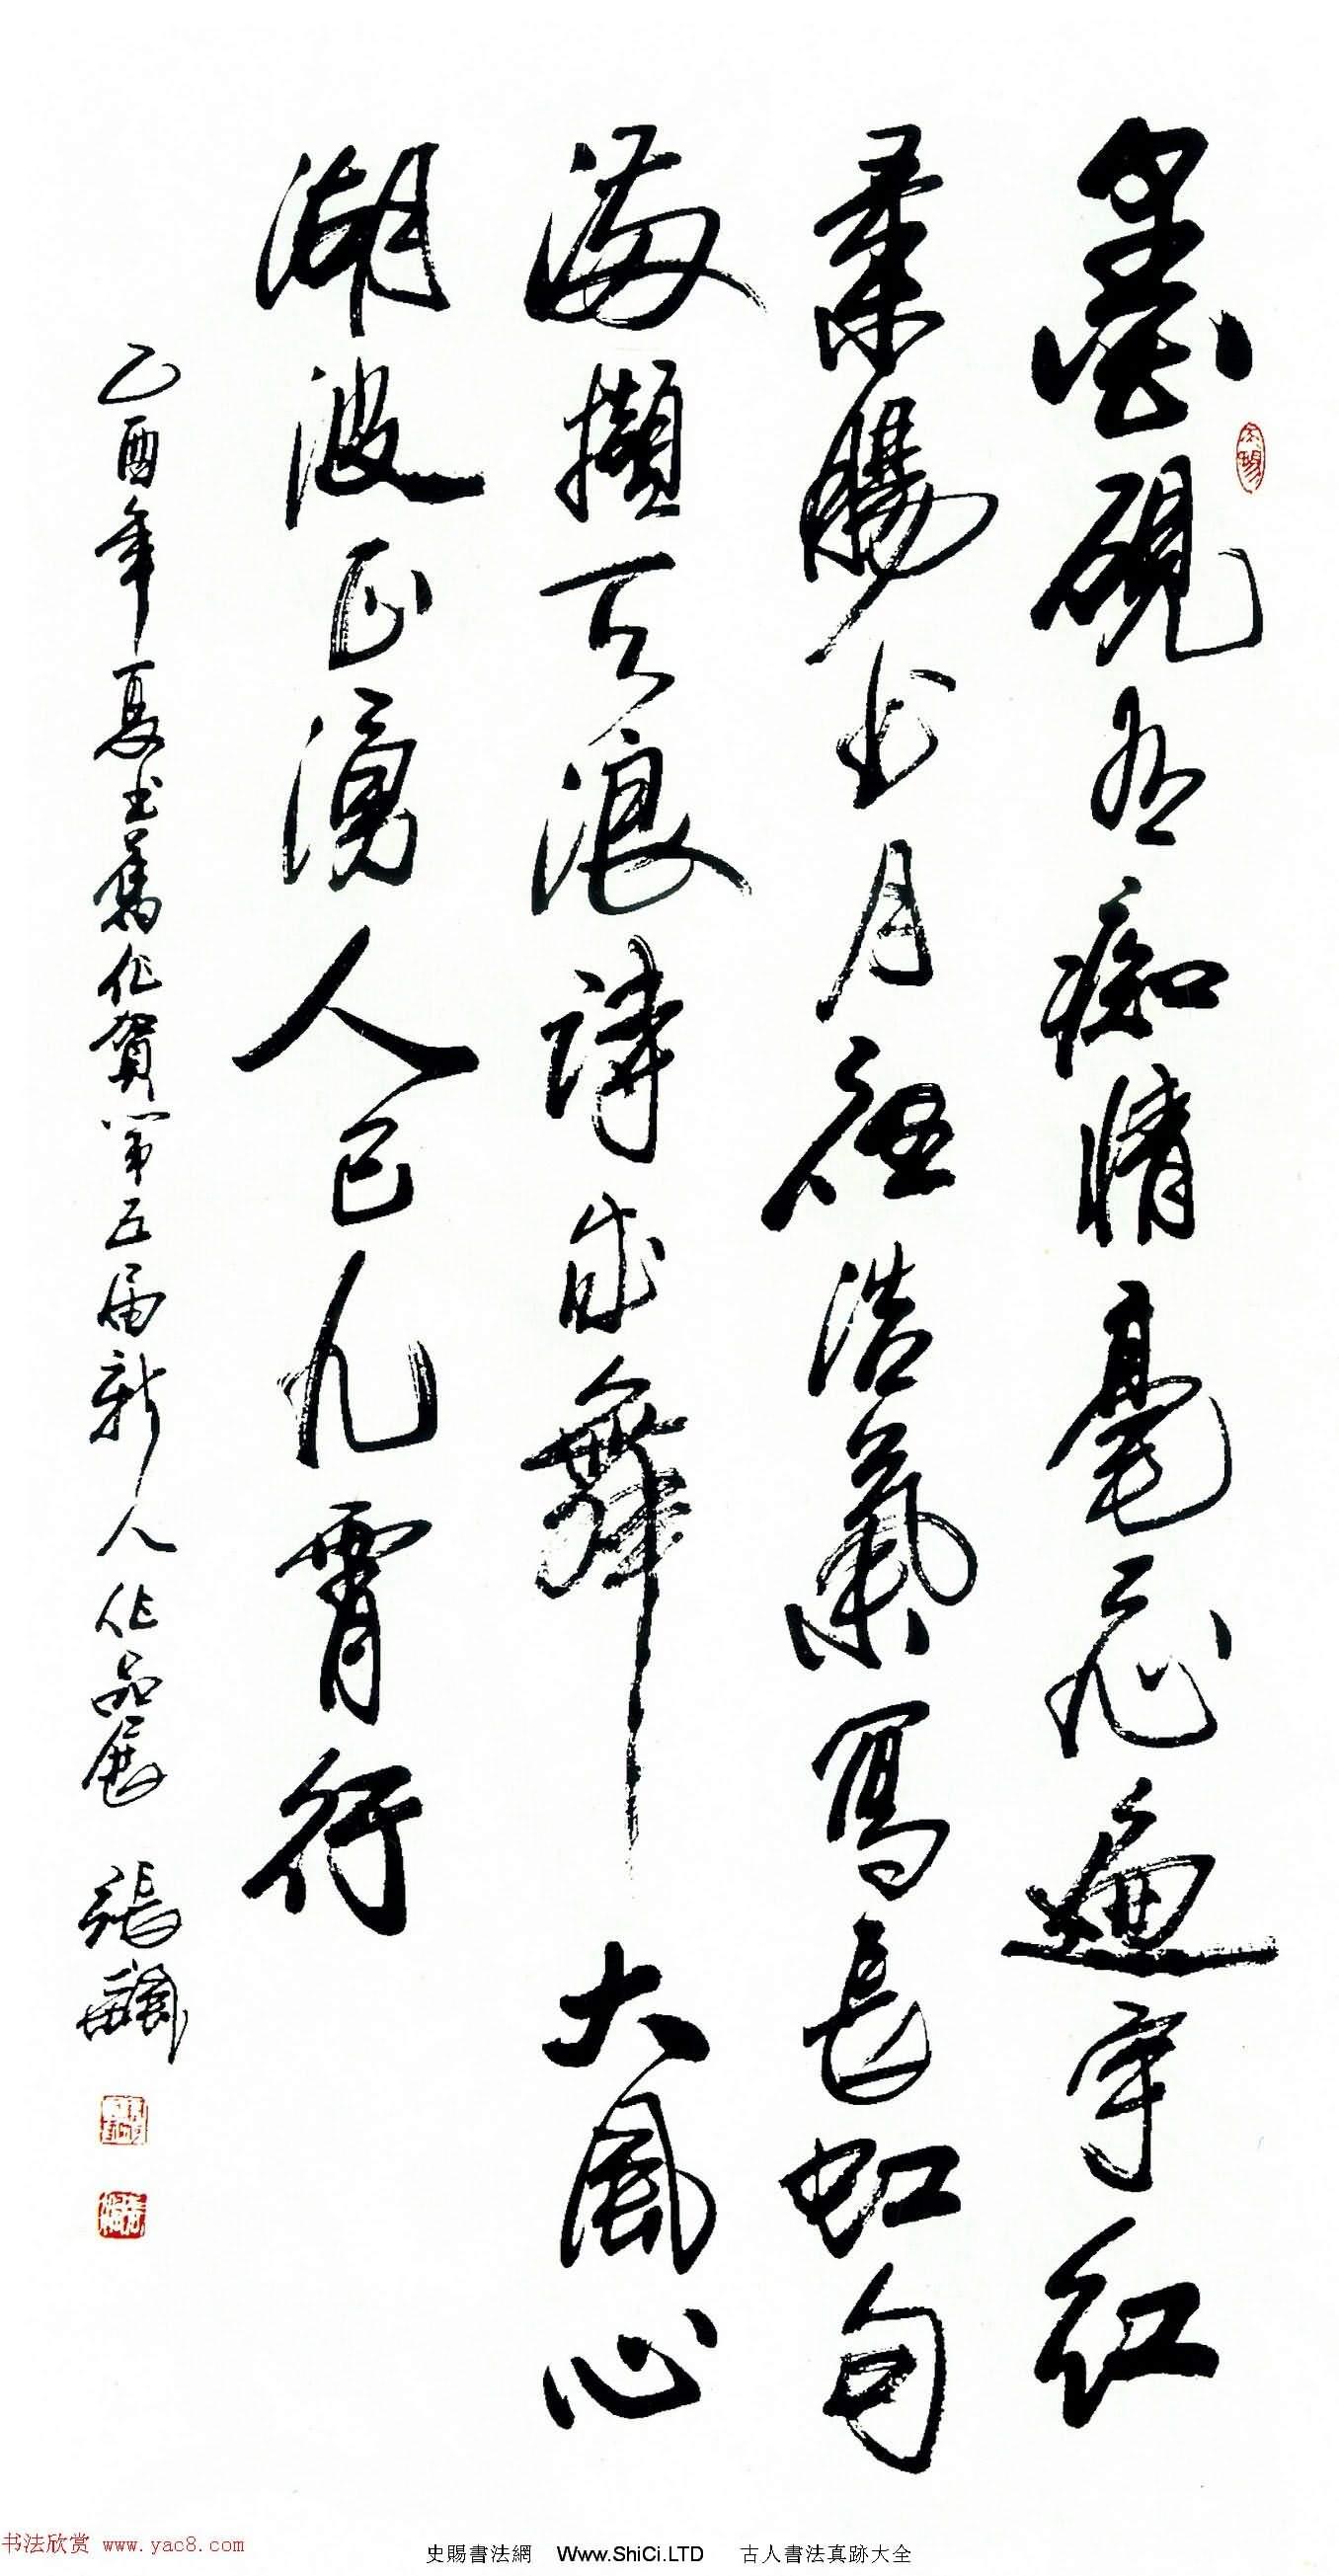 第五屆中國書壇新人作品真跡展覽評委作品真跡(共14張圖片)